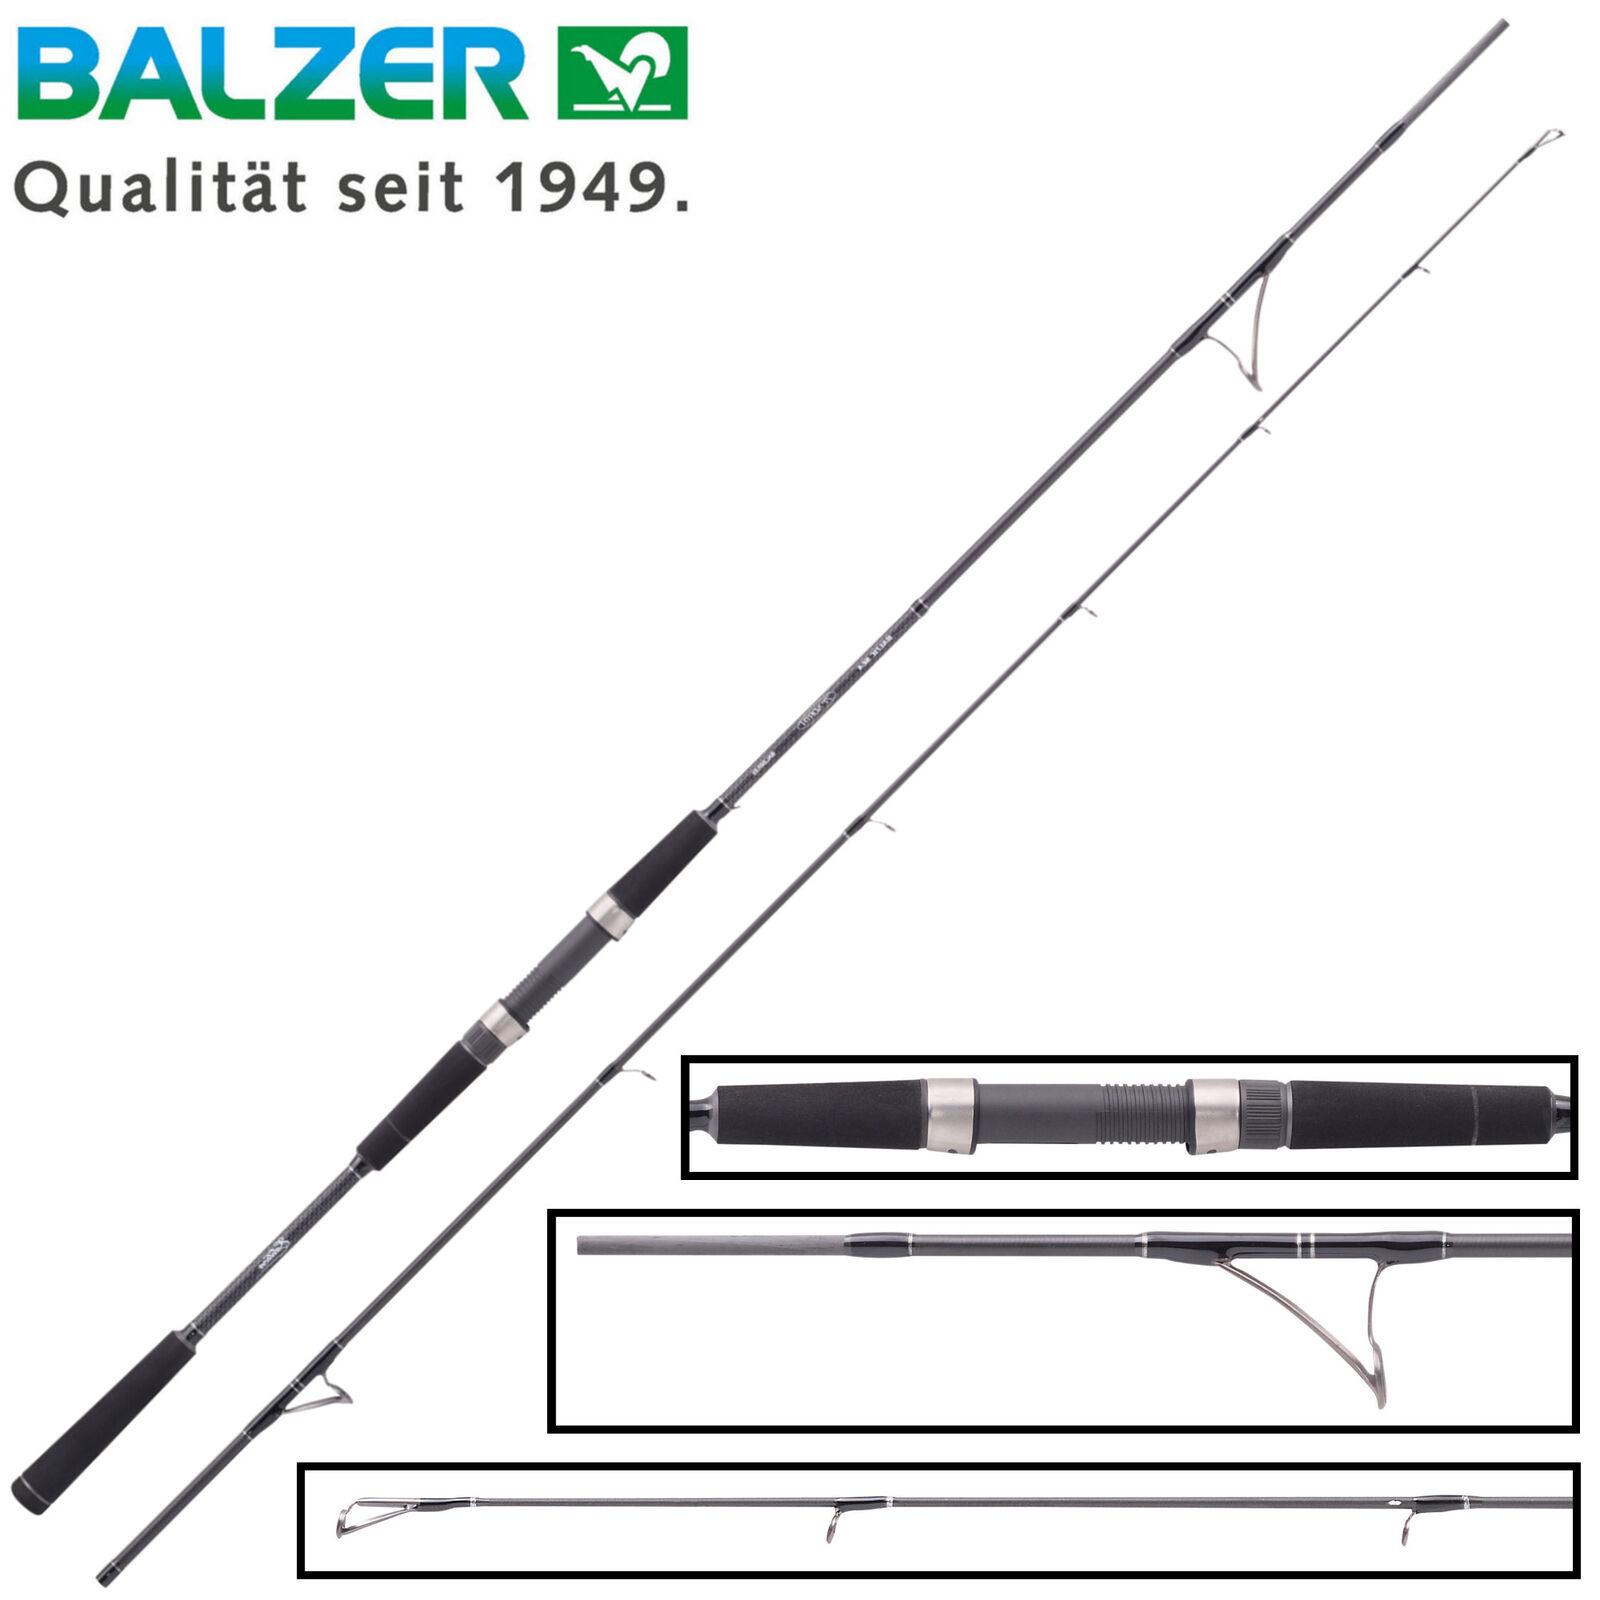 Balzer Baltic Sea 71 North North North 2,70m 30-125g - Meeresrute, Spinnrute, Dorschrute 65f4d1